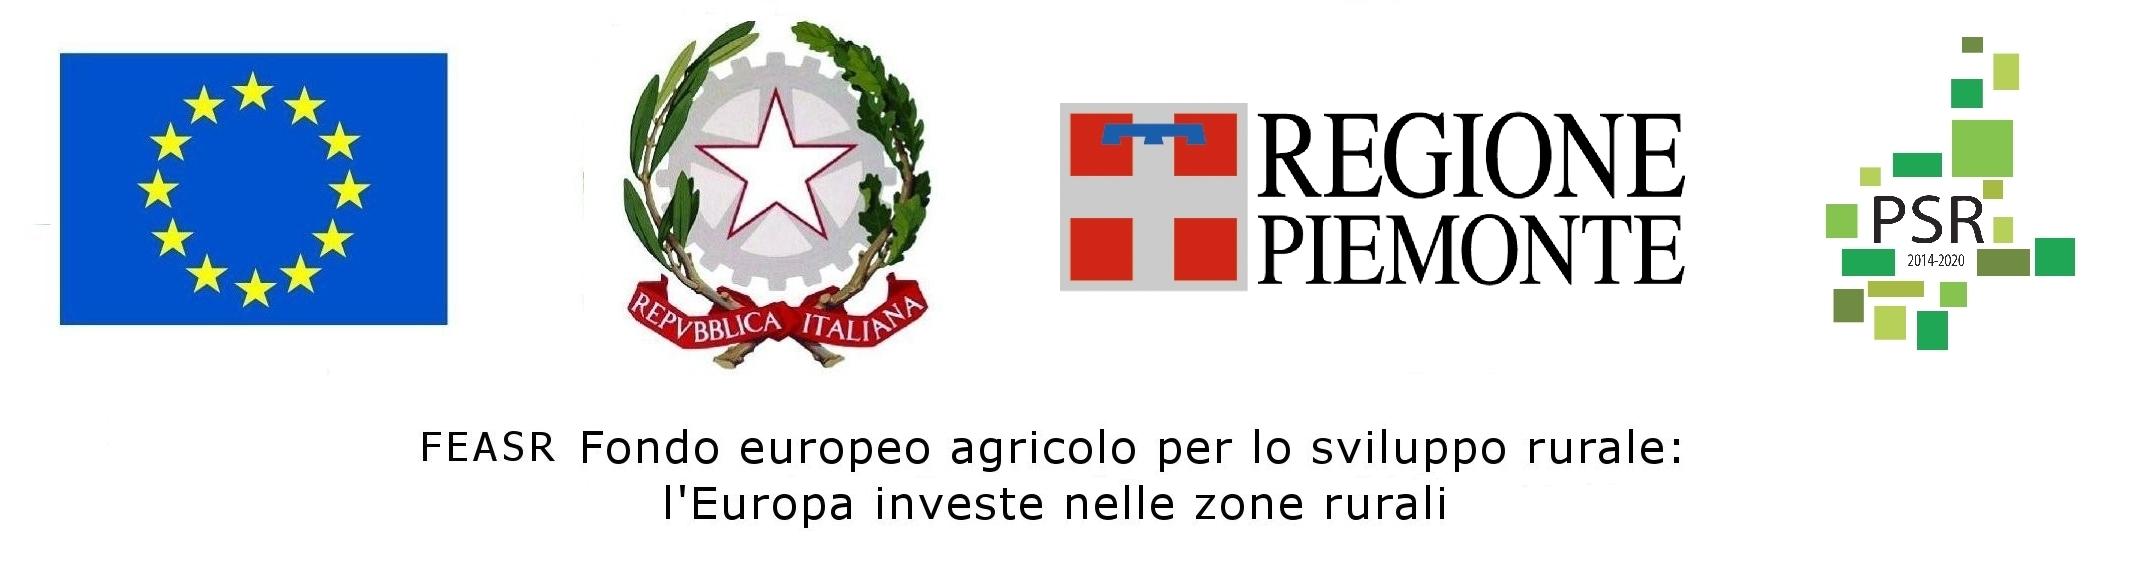 banner_loghi_PSR_v2